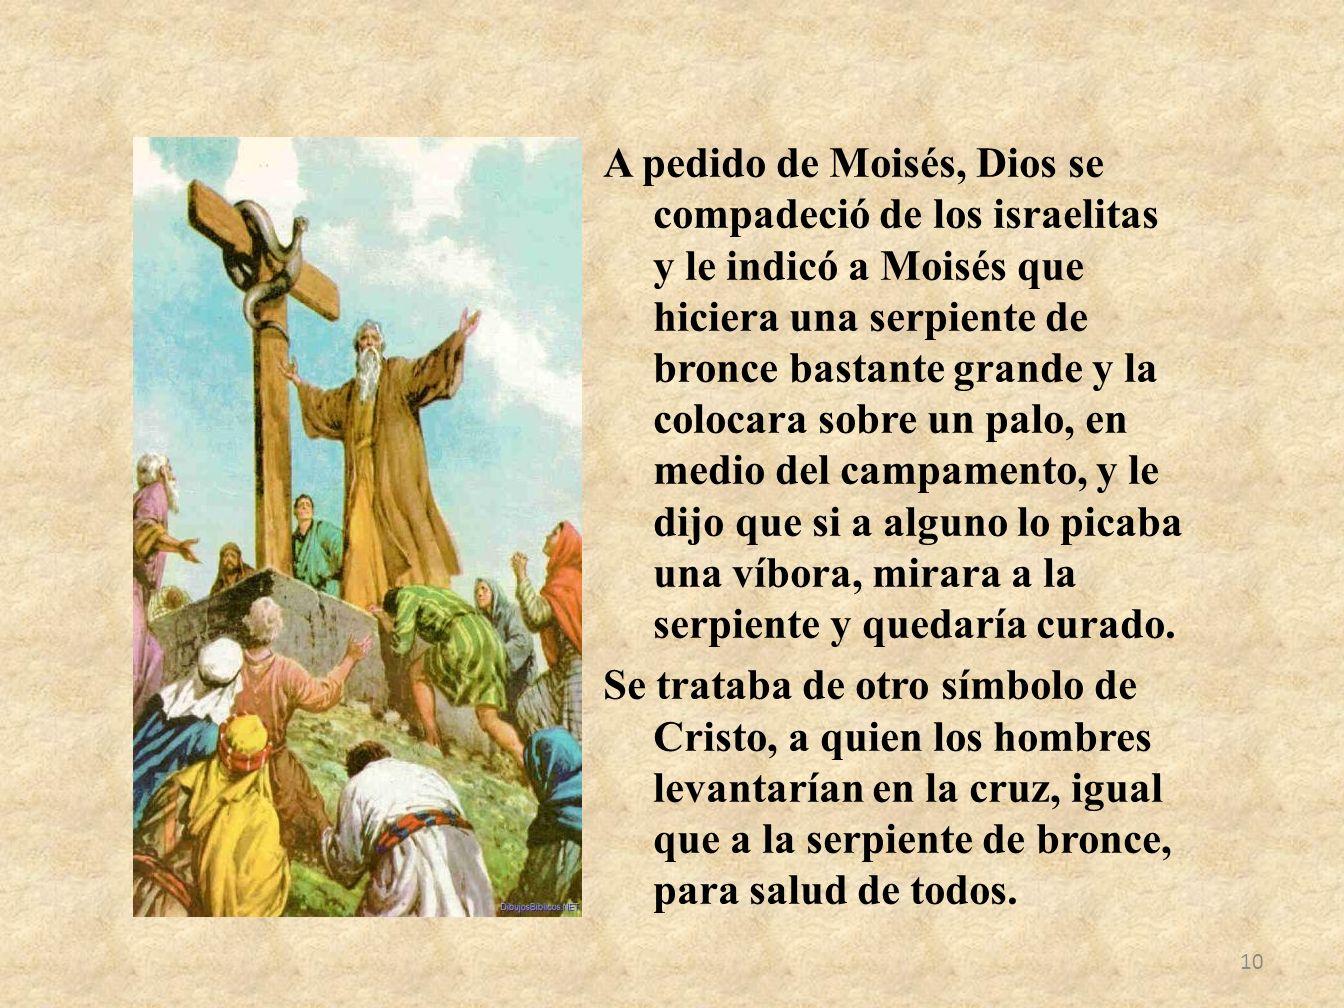 A pedido de Moisés, Dios se compadeció de los israelitas y le indicó a Moisés que hiciera una serpiente de bronce bastante grande y la colocara sobre